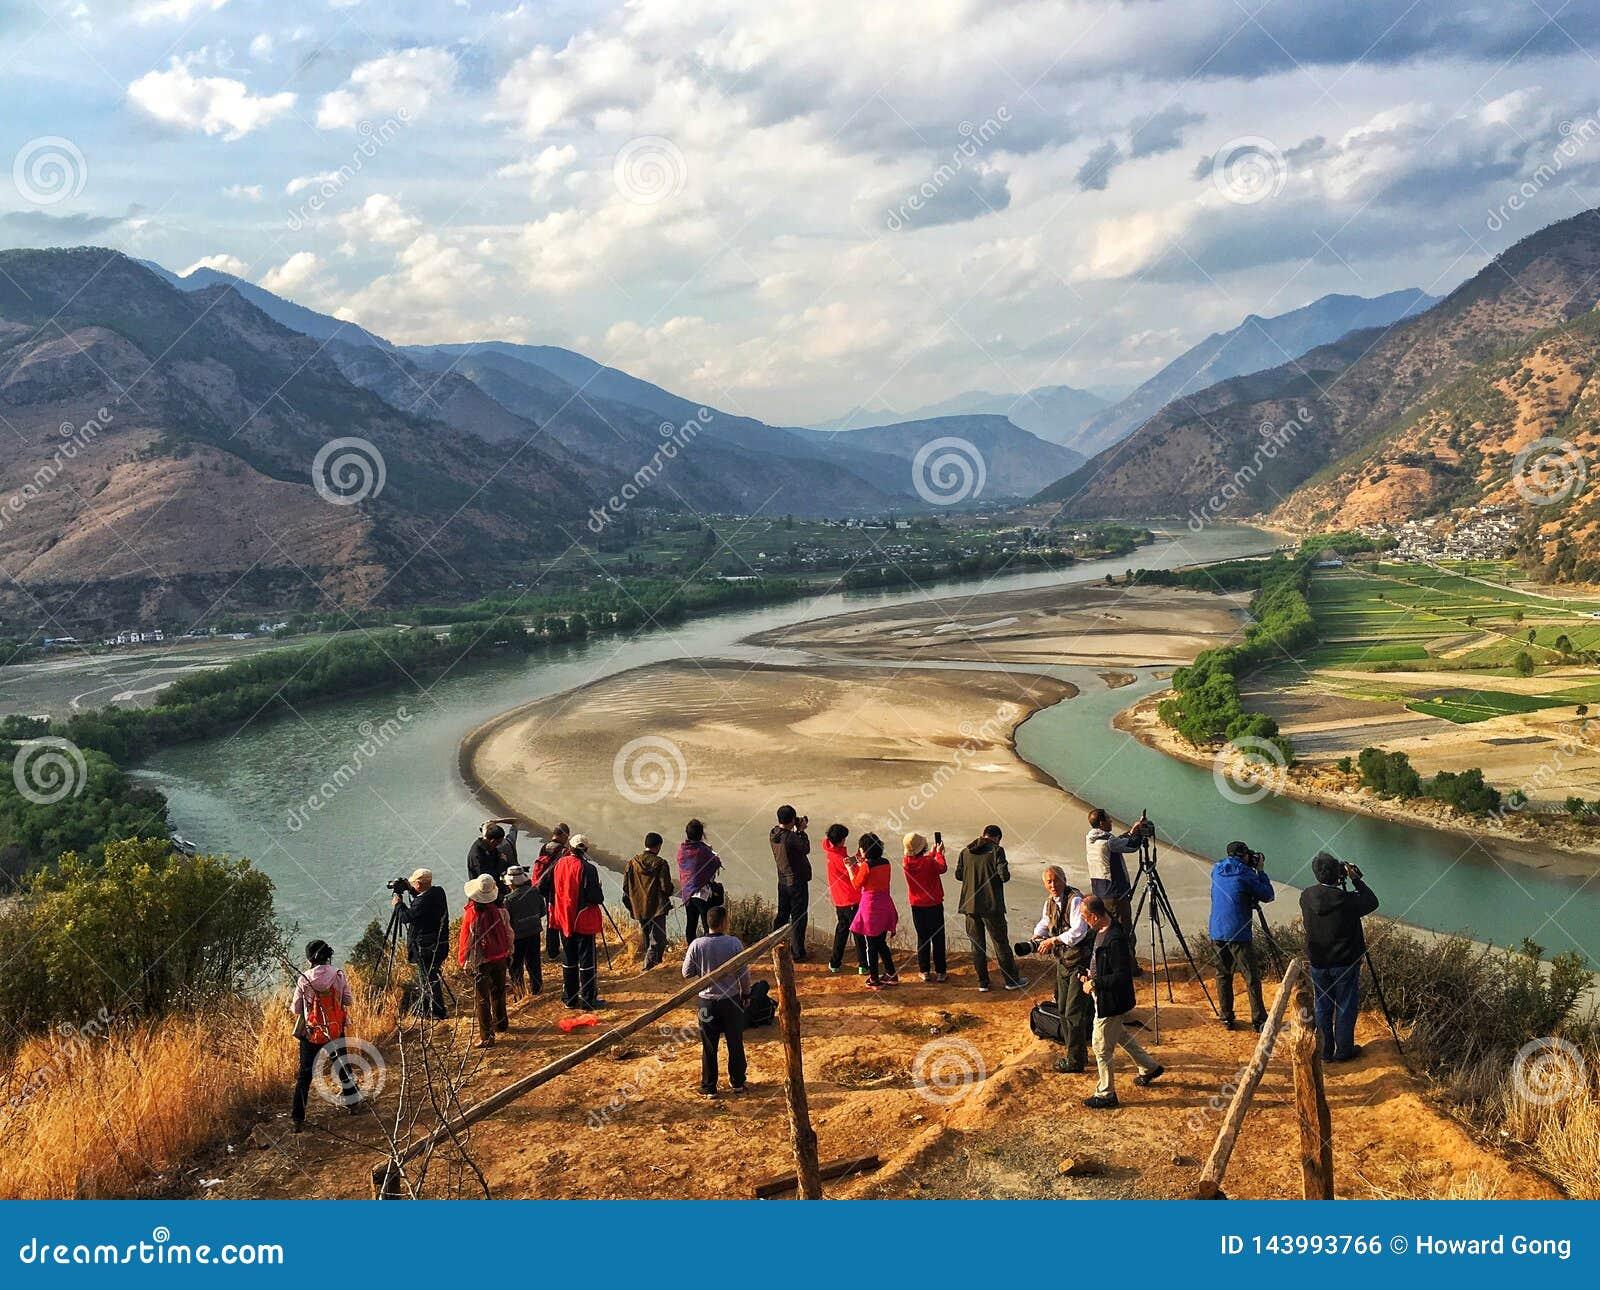 Un passage du fleuve Yangtze dans la province de Yunnan, Chine